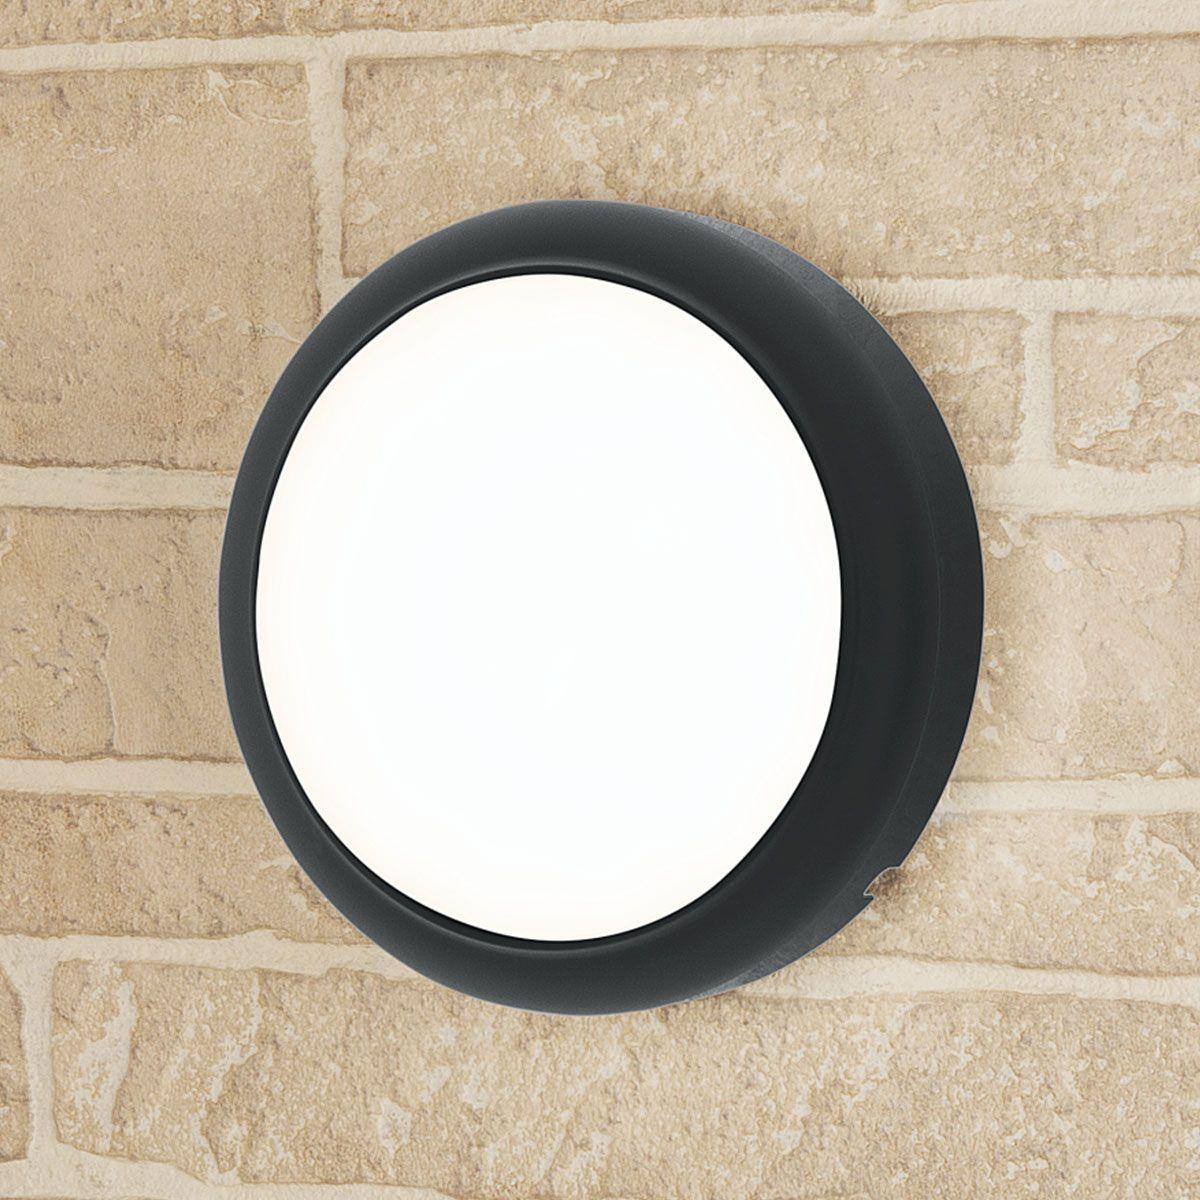 Пылевлагозащи<wbr>щенный светодиодный светильник Imatra черный 18 Вт 4000 K IP54 LTB07